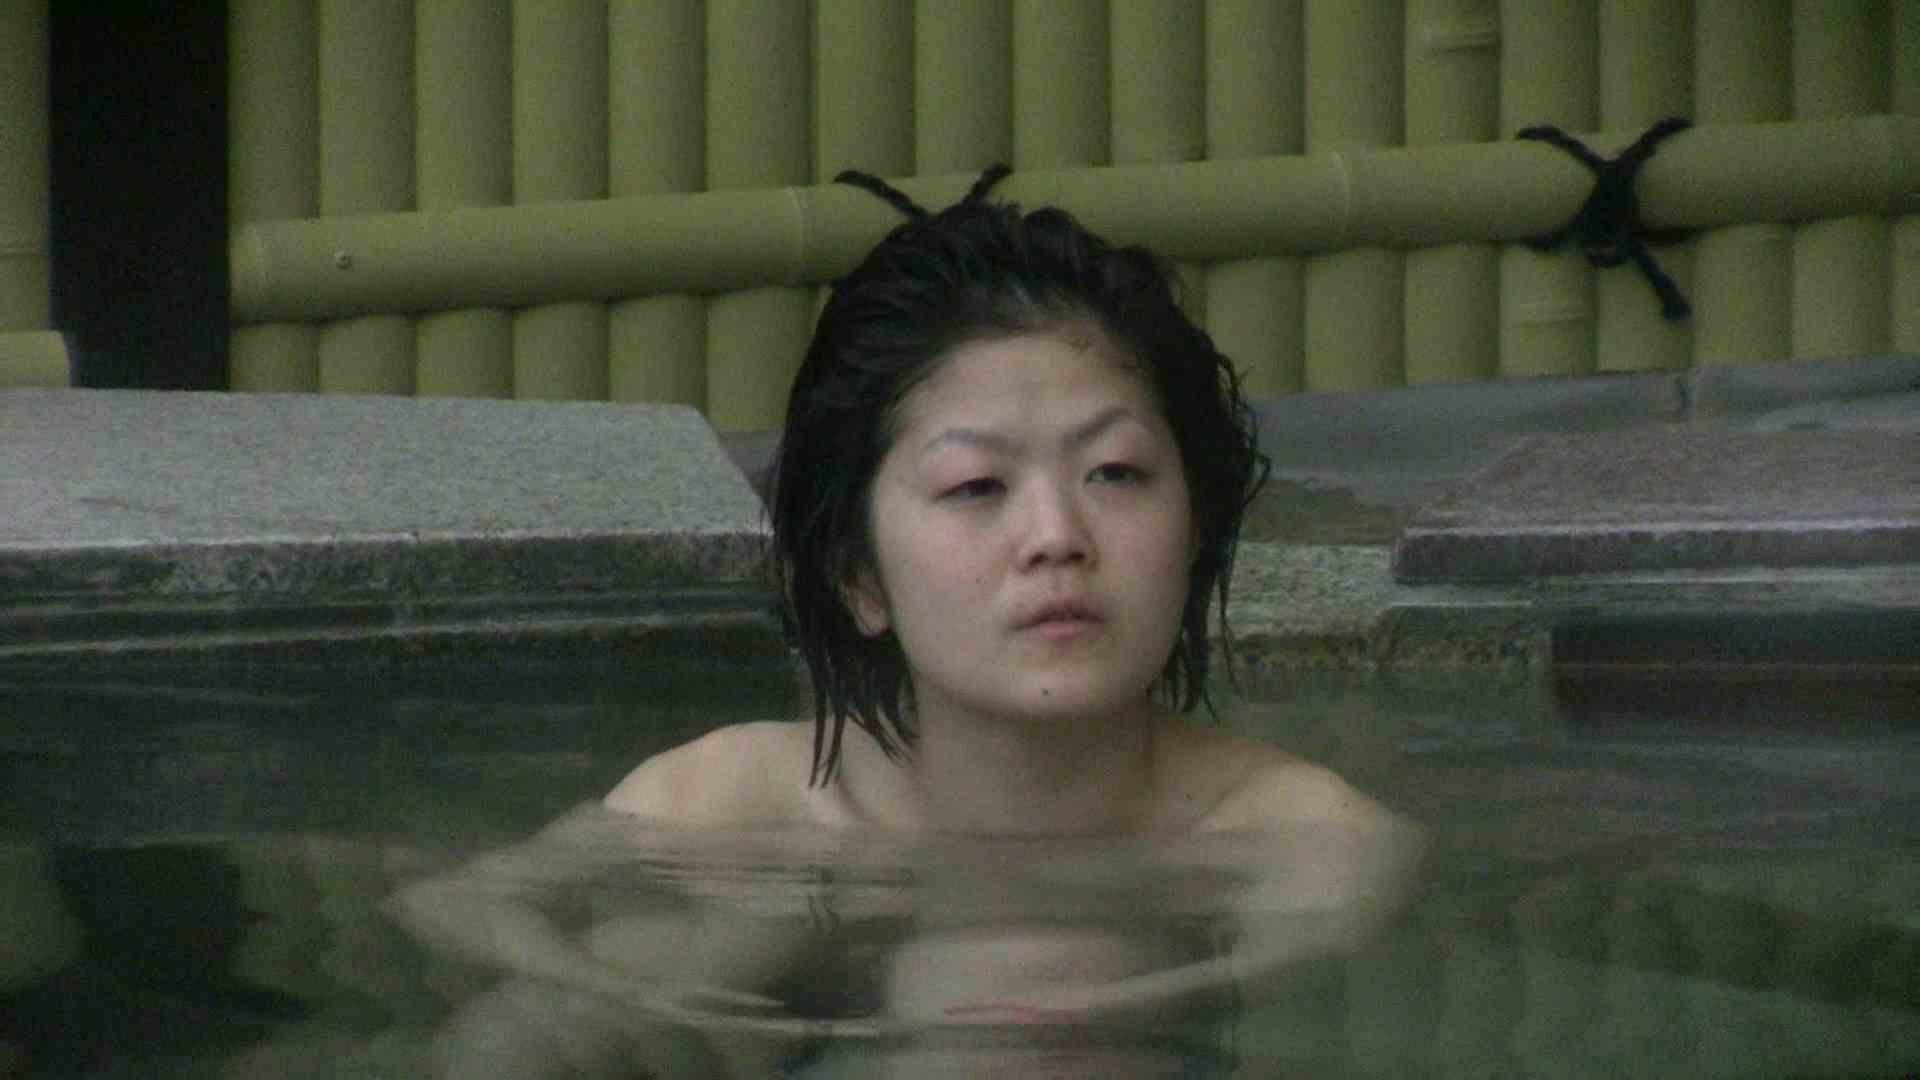 Aquaな露天風呂Vol.538 OLのエロ生活  90連発 48